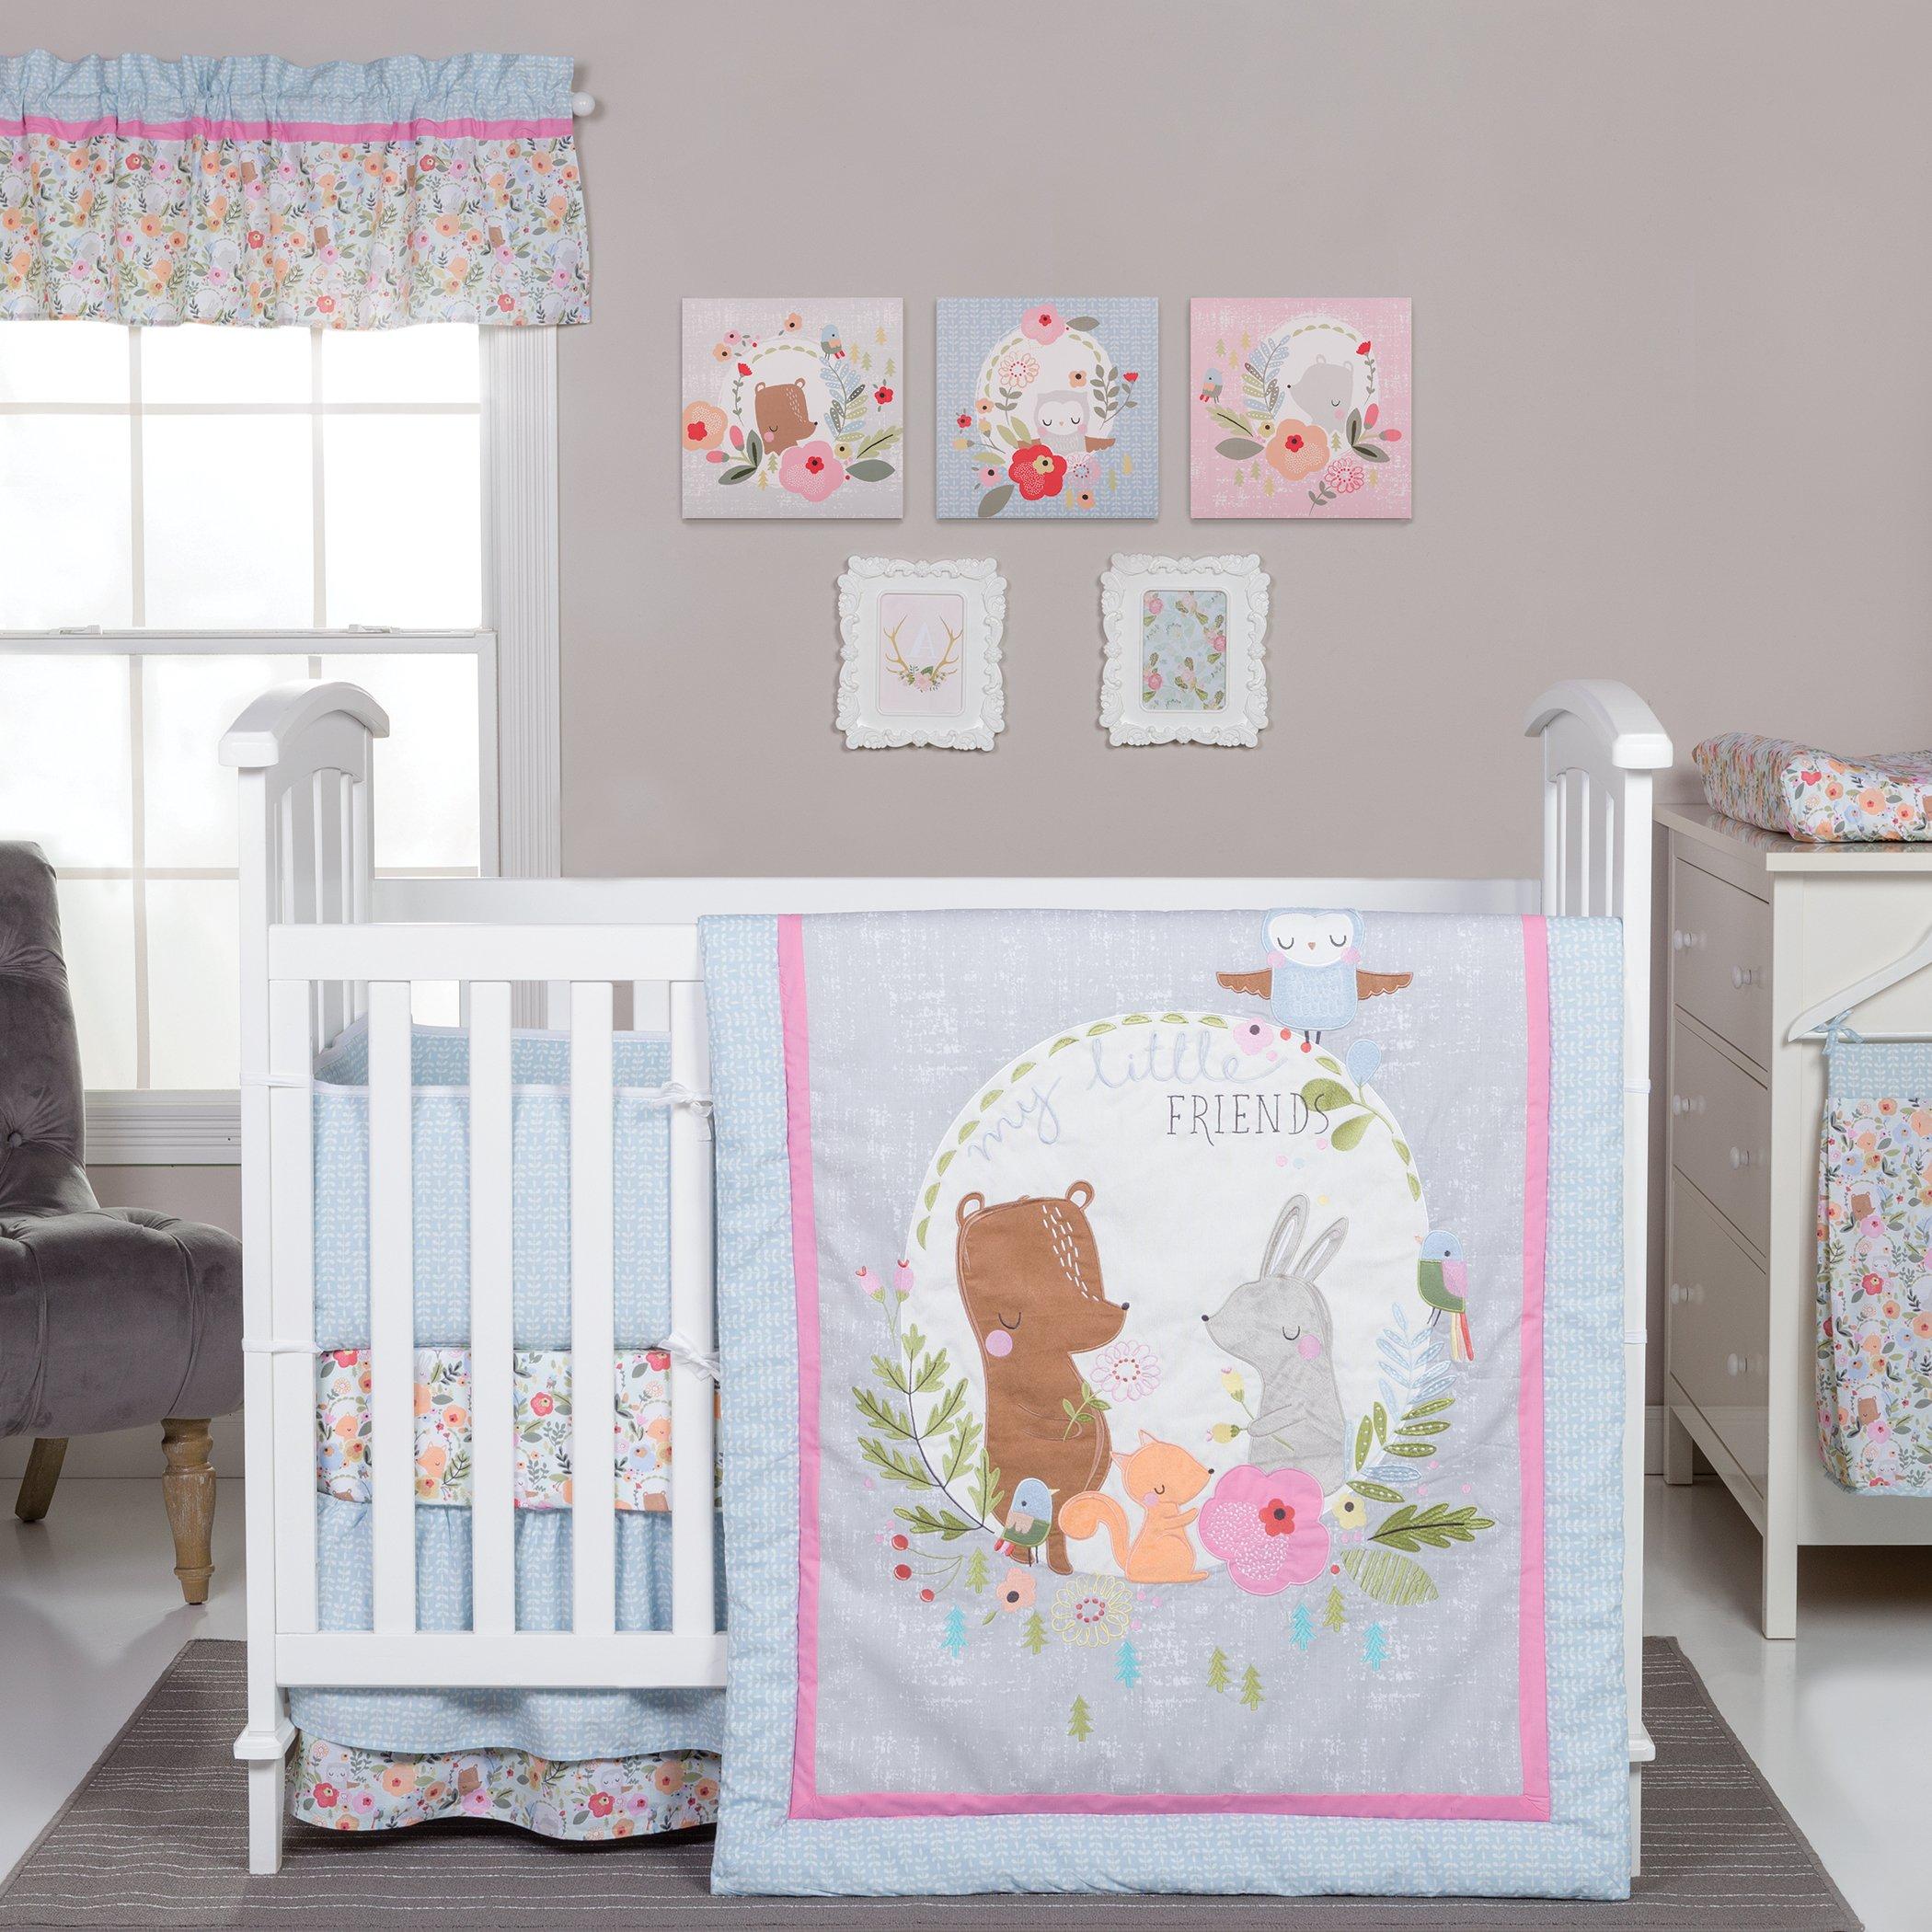 Trend Lab My Little Friends 6 Piece Crib Bedding Set, Blue/Pink/Brown/Gray